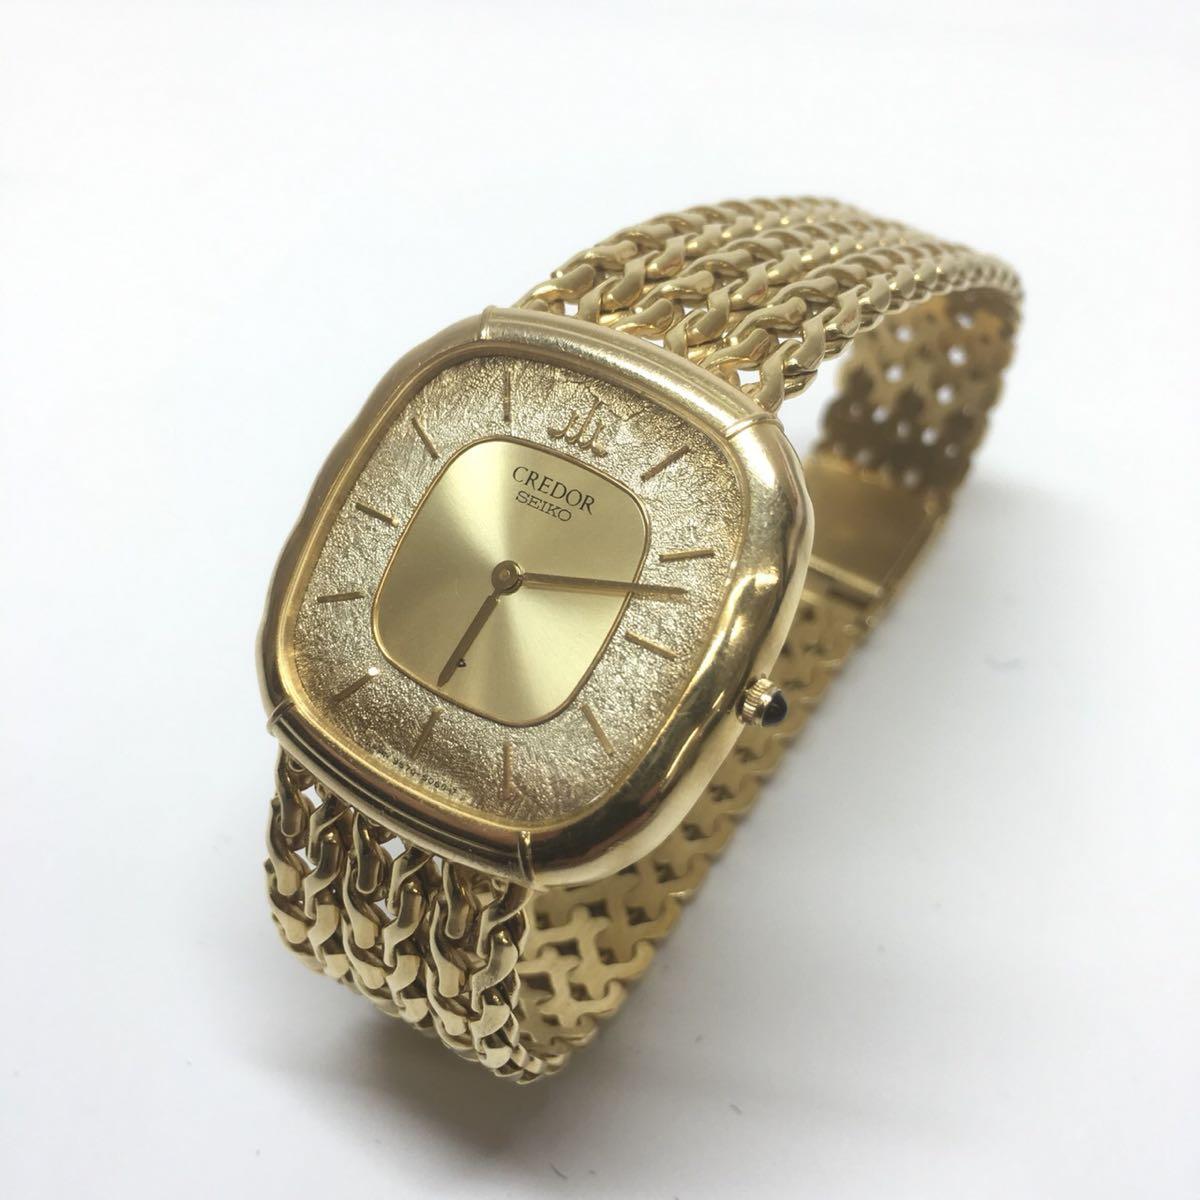 【美品】SEIKO セイコー CREDOR クレドール 腕時計 K18 金無垢 9570-5060 メンズ クォー